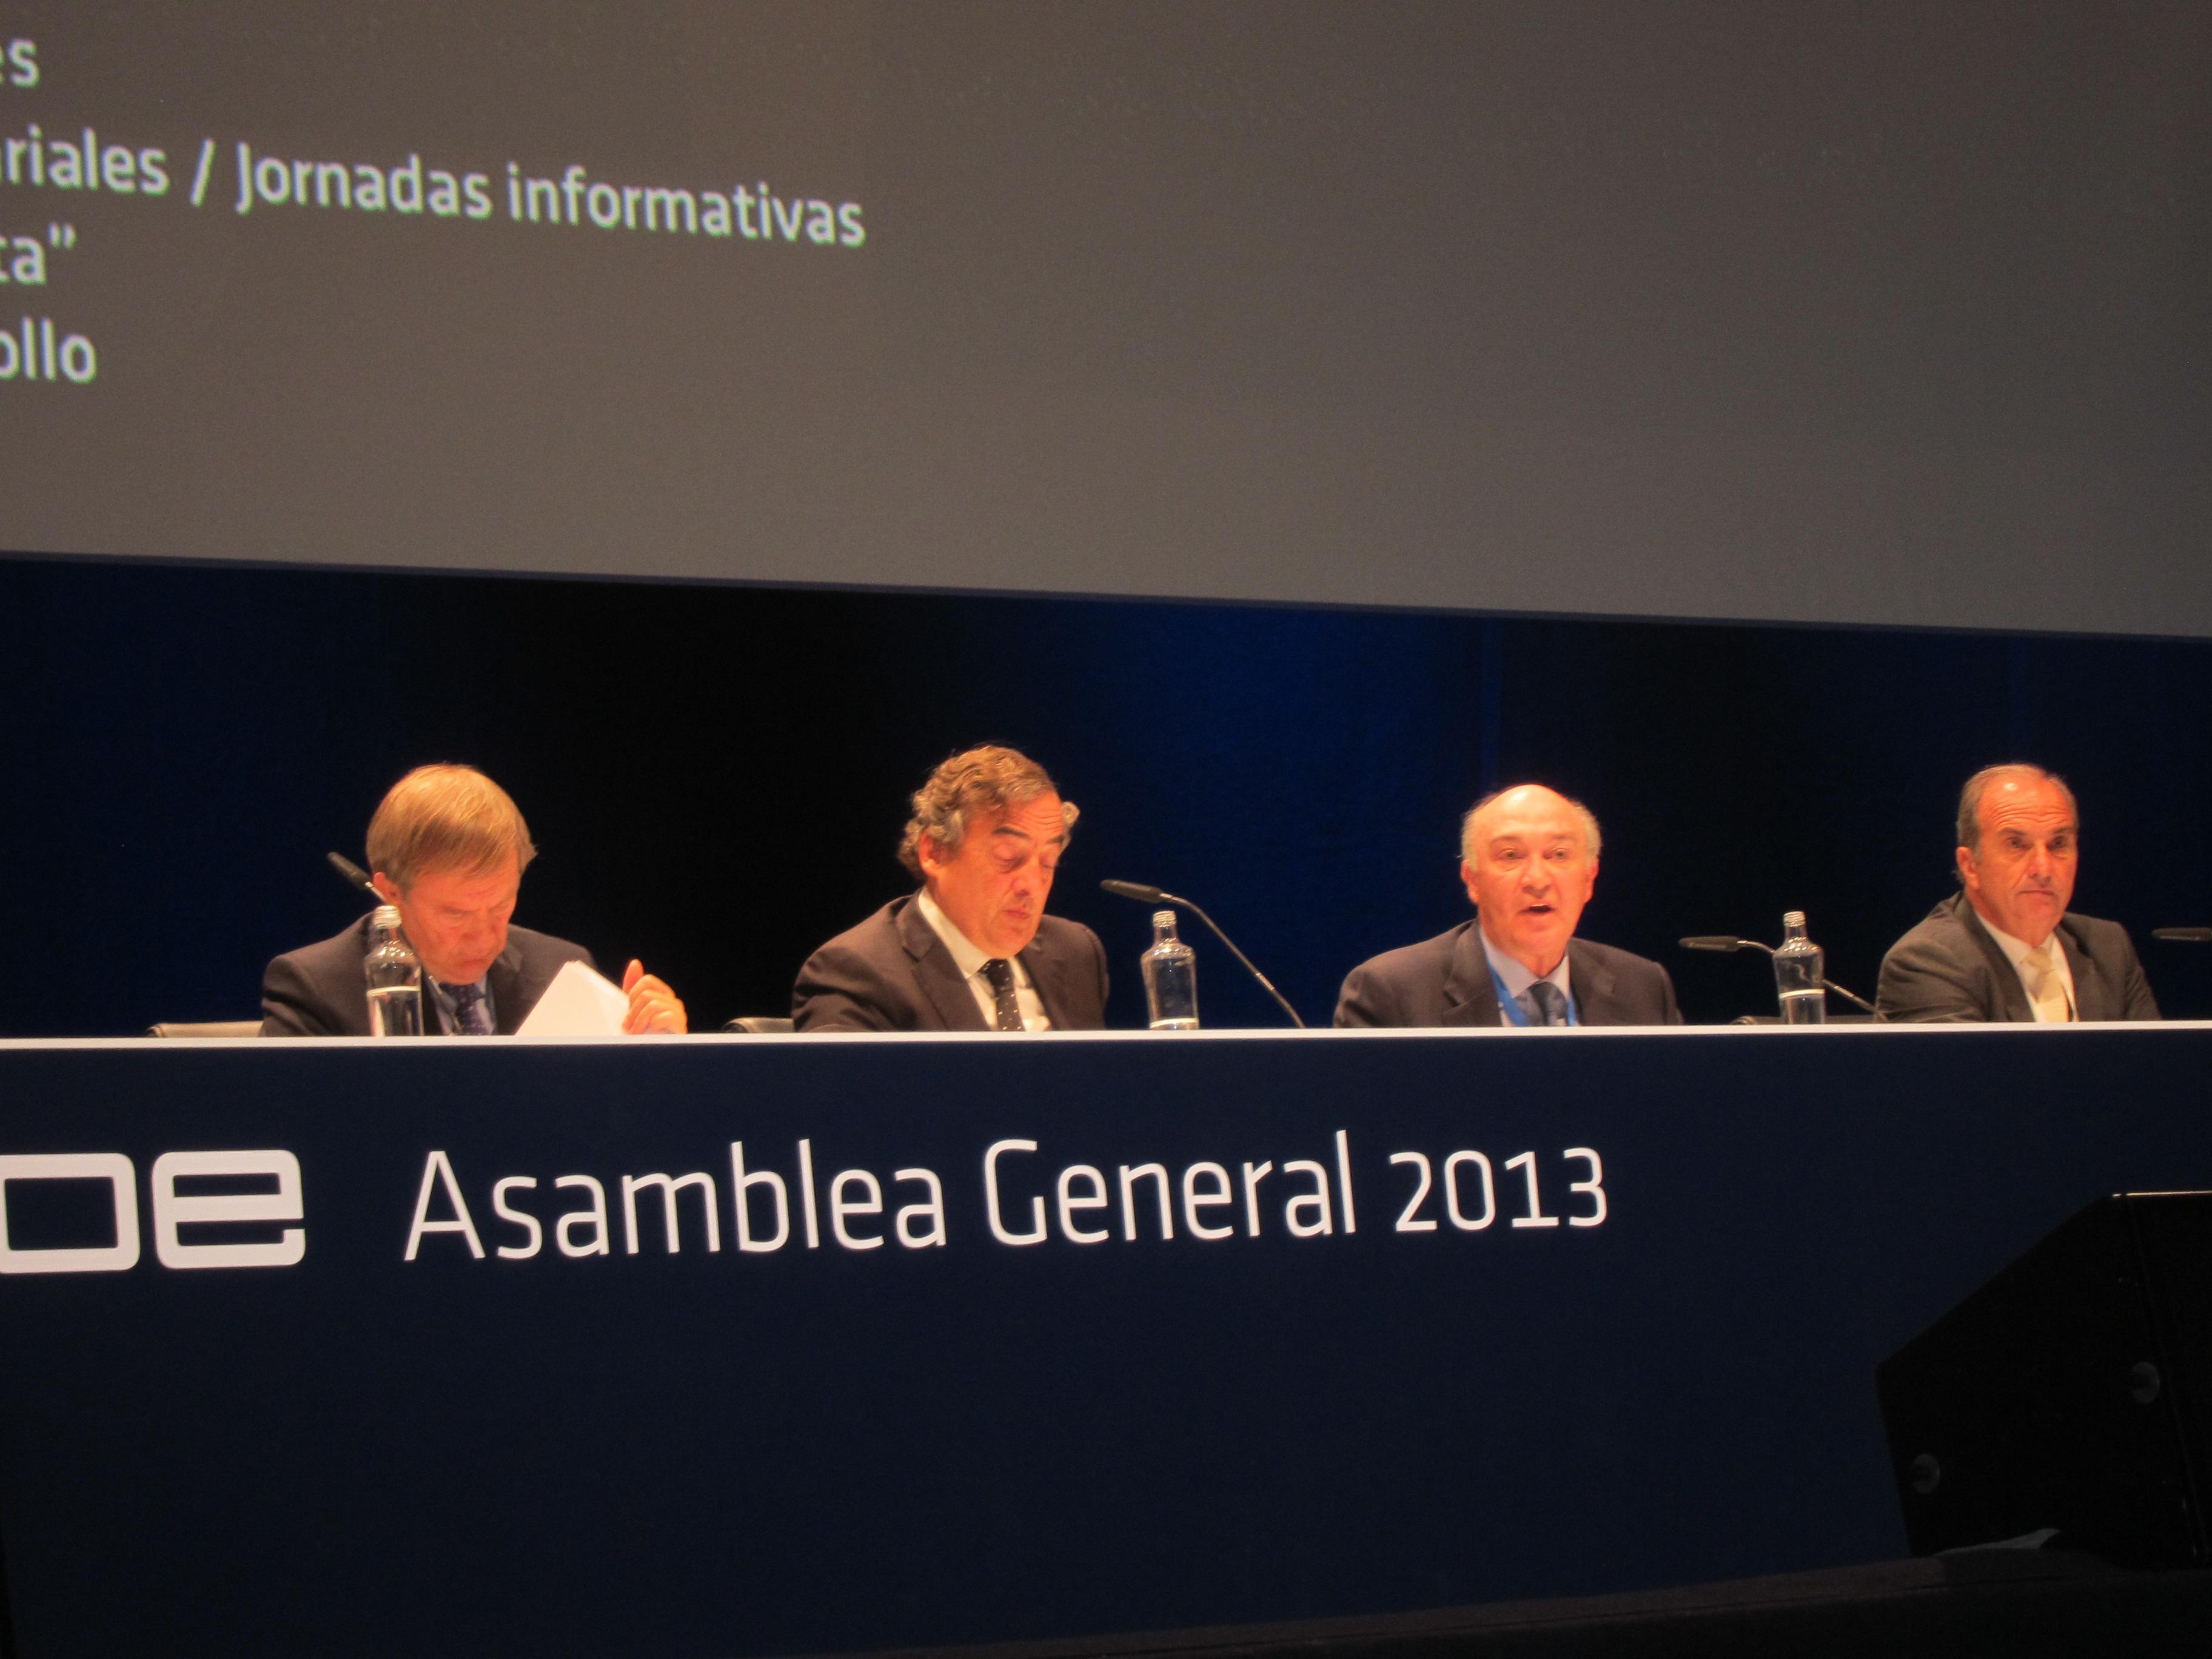 CEOE cerró 2012 con un déficit de 847.000 euros y prevé equilibrio para este año